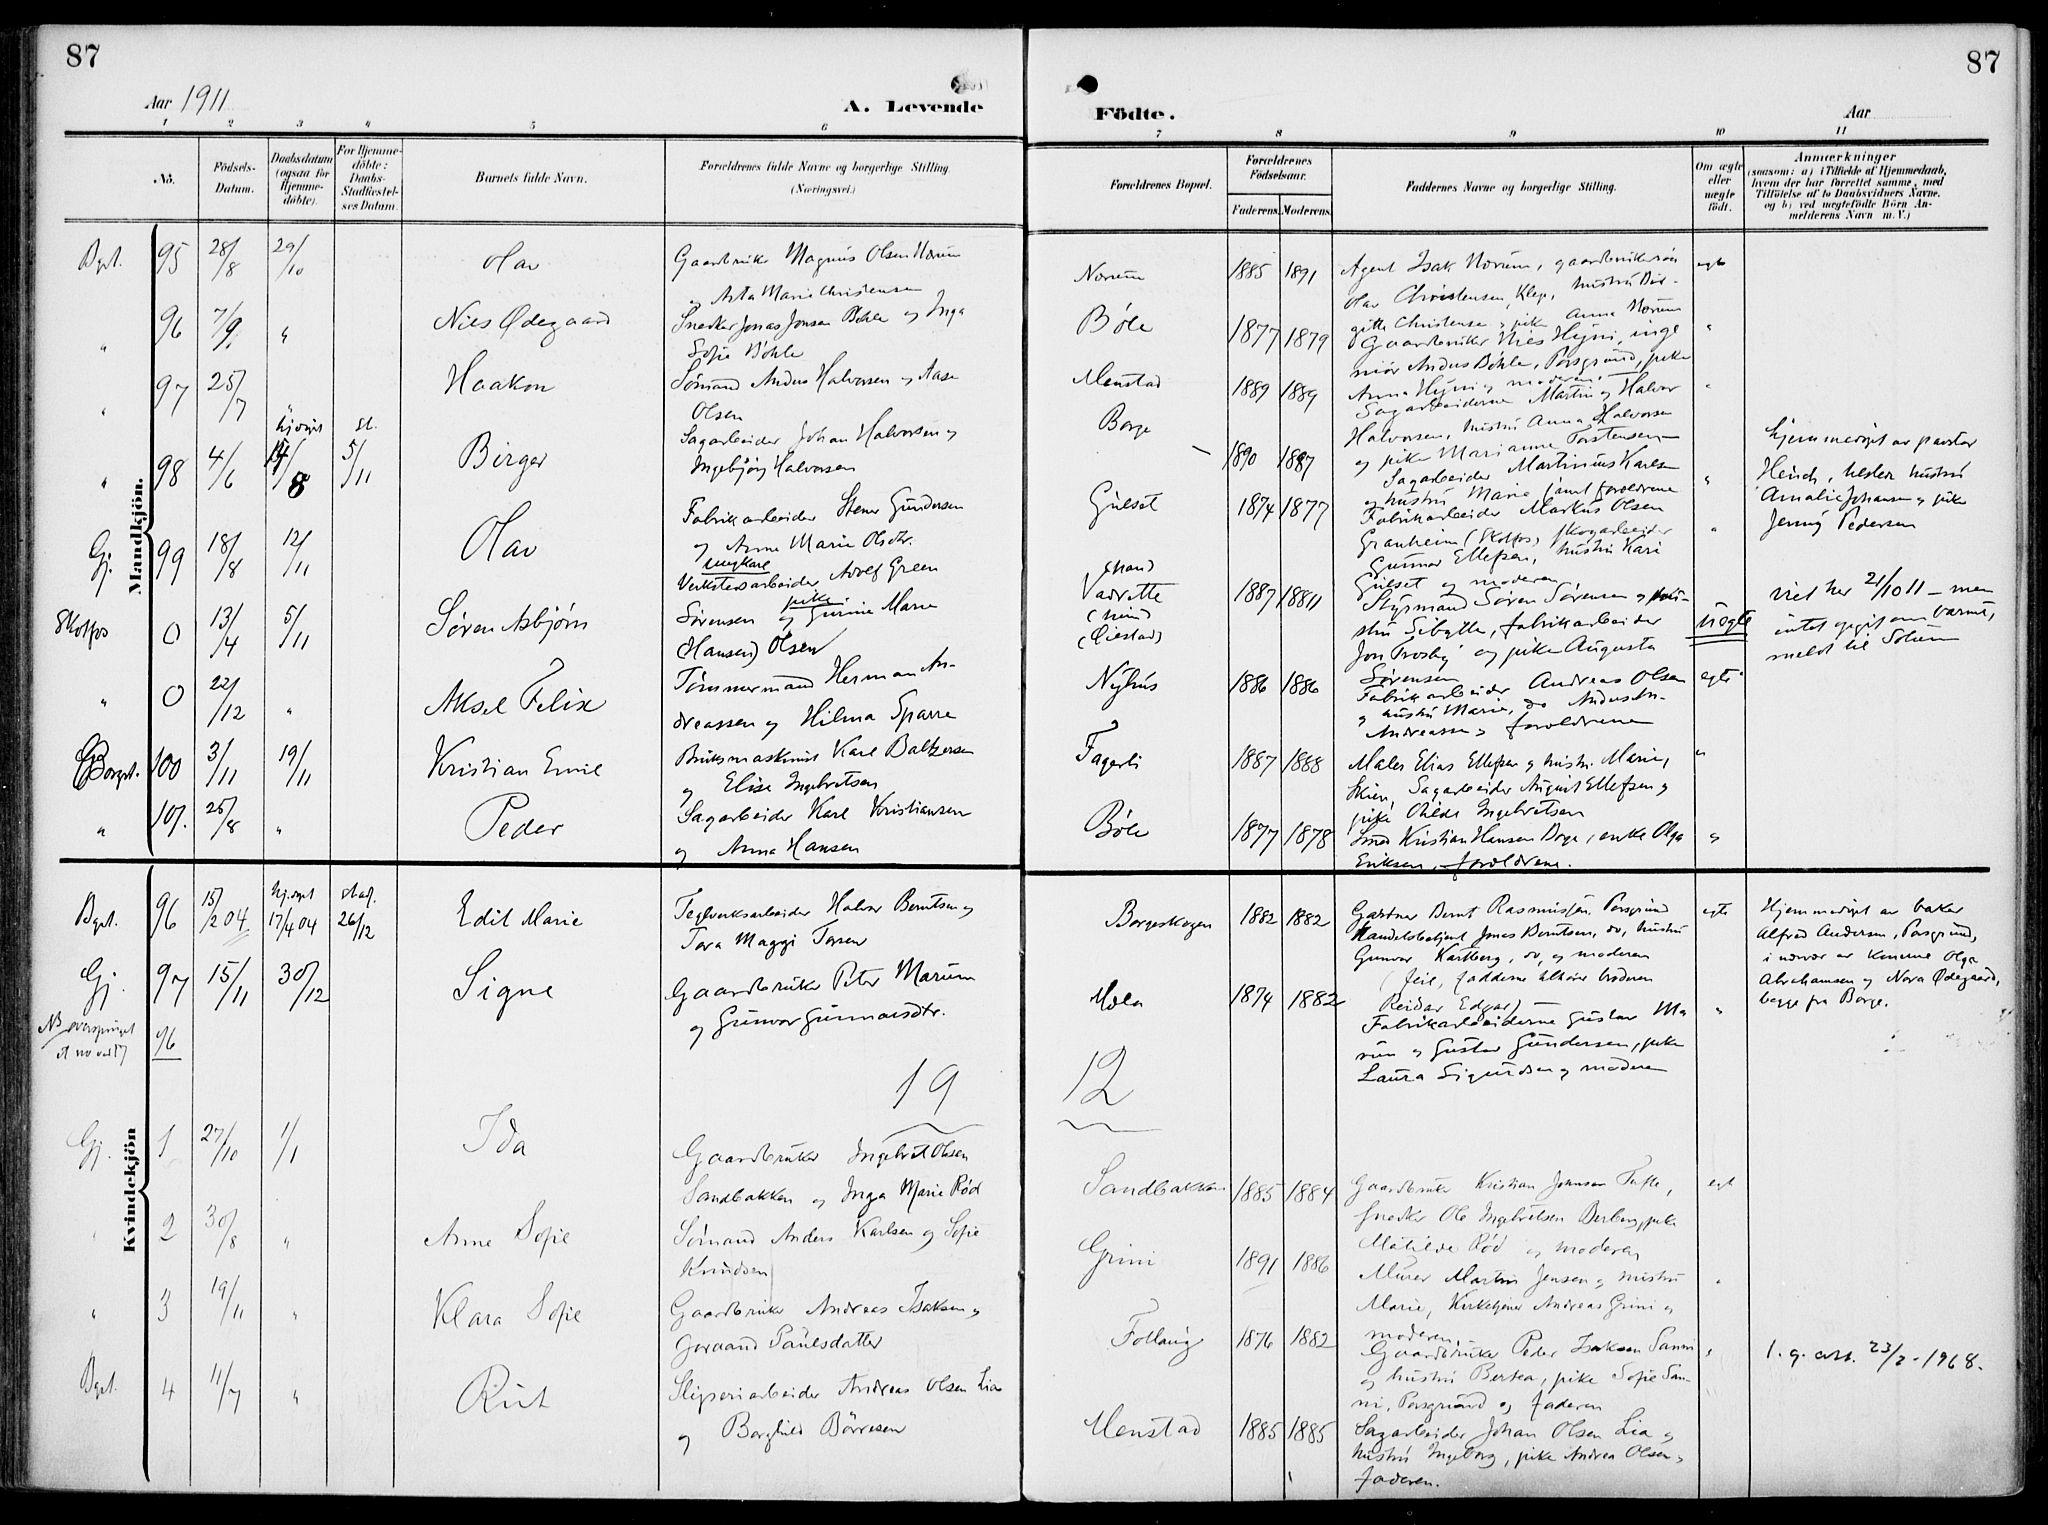 SAKO, Gjerpen kirkebøker, F/Fa/L0012: Ministerialbok nr. 12, 1905-1913, s. 87